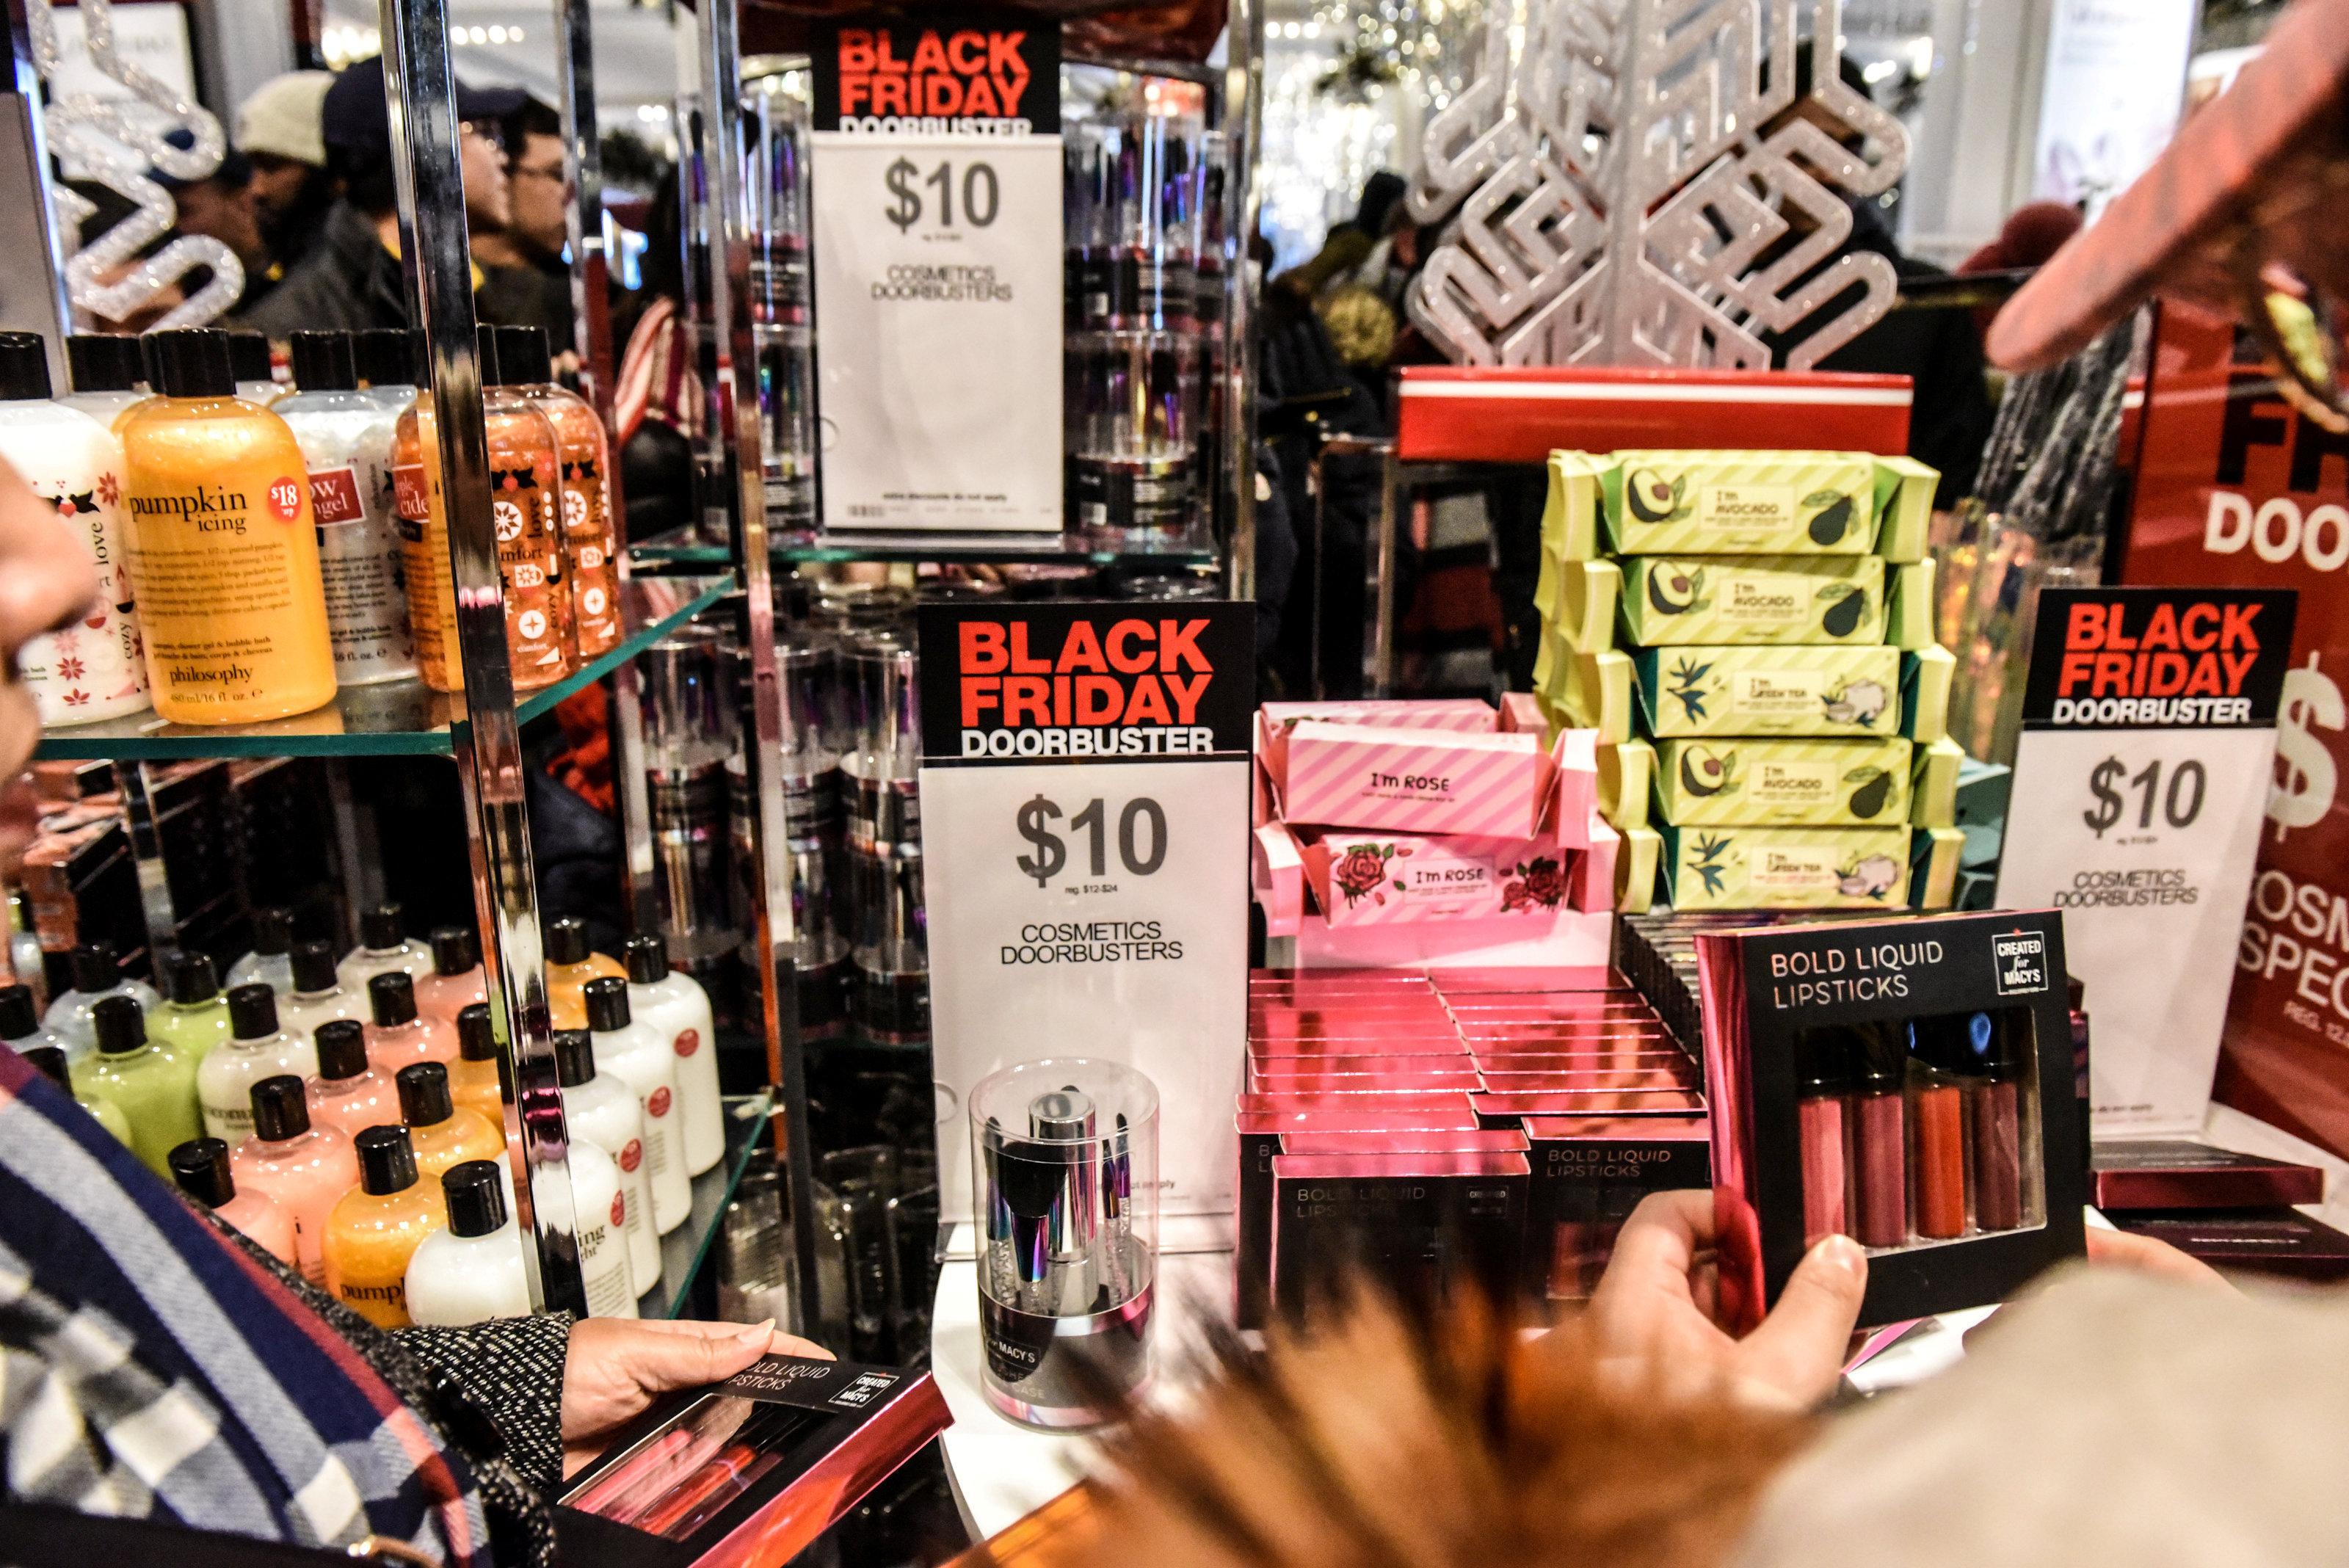 ston-rythmo-tis-black-friday-i-ameriki-fotografies29